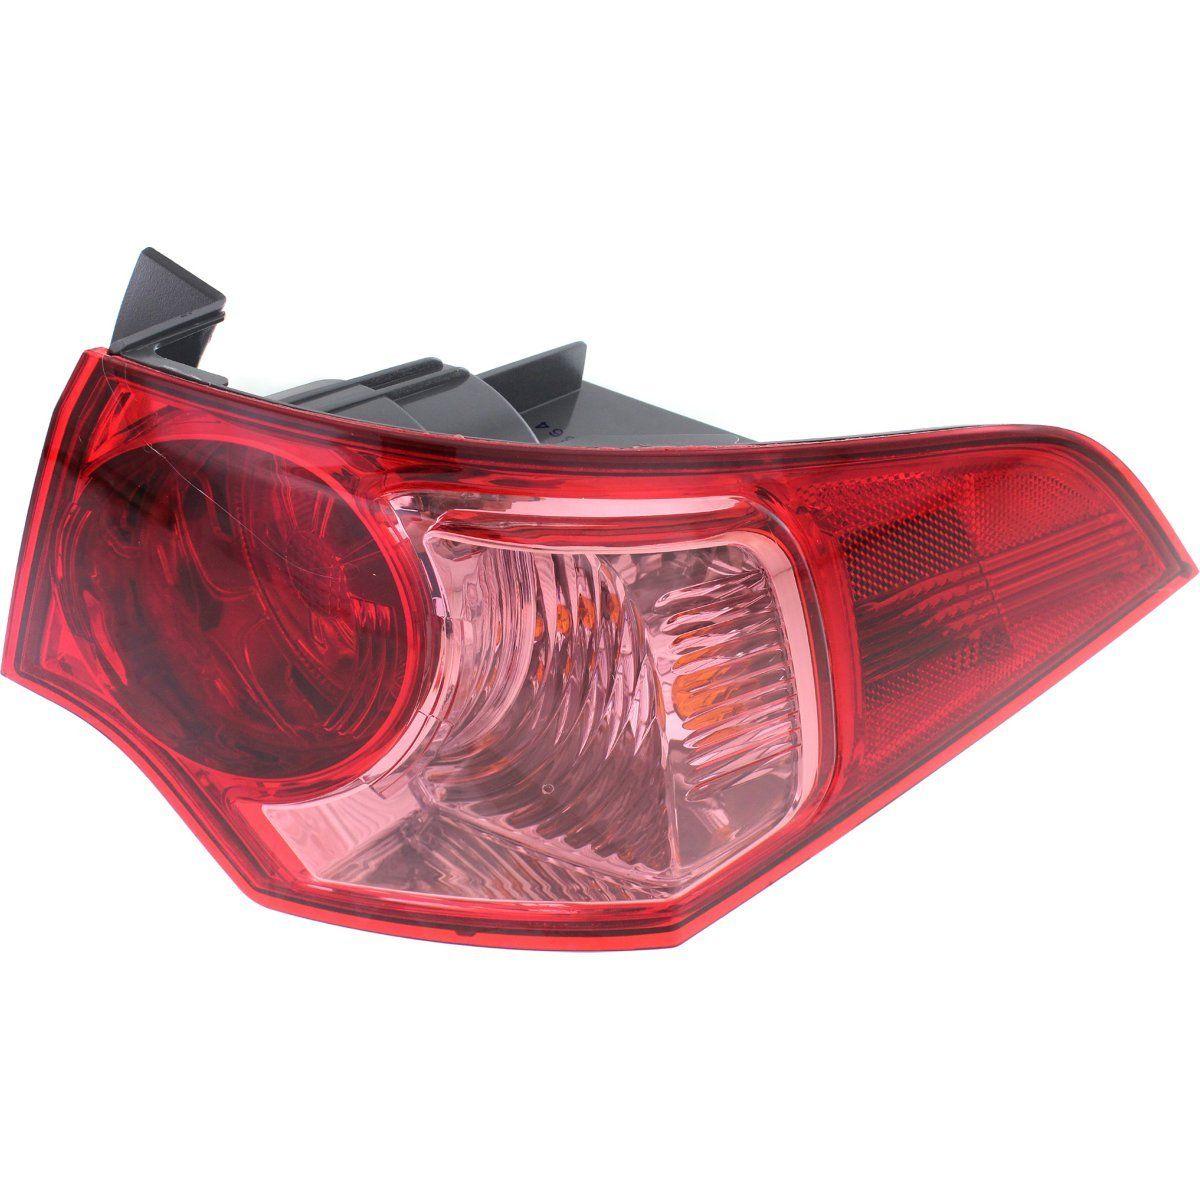 Halogen Tail Light For 2011-2014 Acura TSX Sedan Right